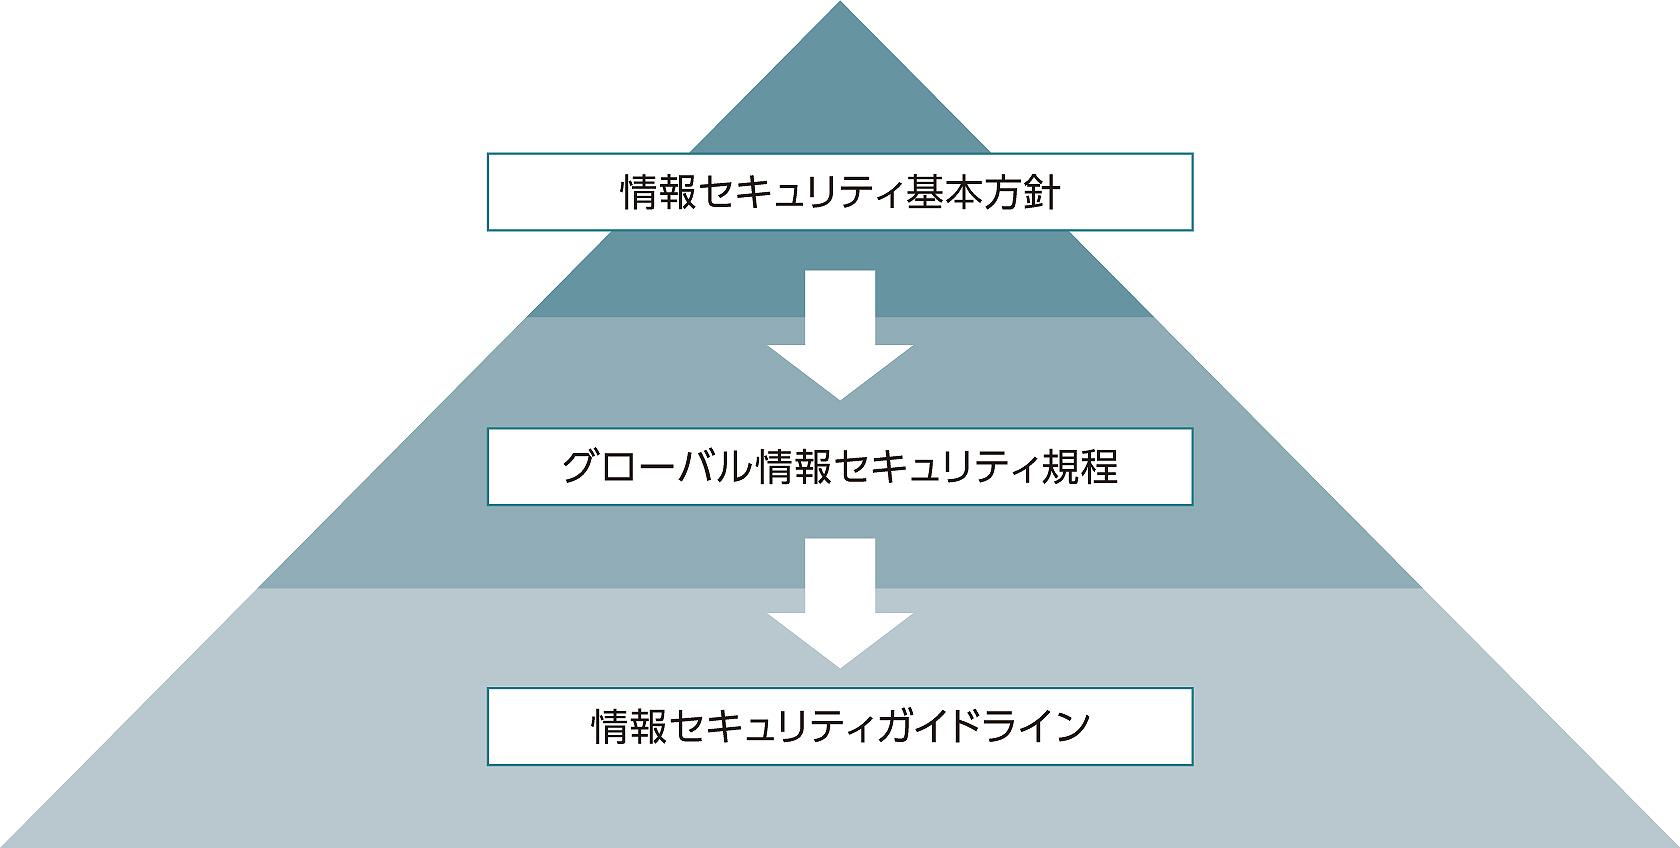 富士フイルムグループにおける情報セキュリティに関するルールの構造